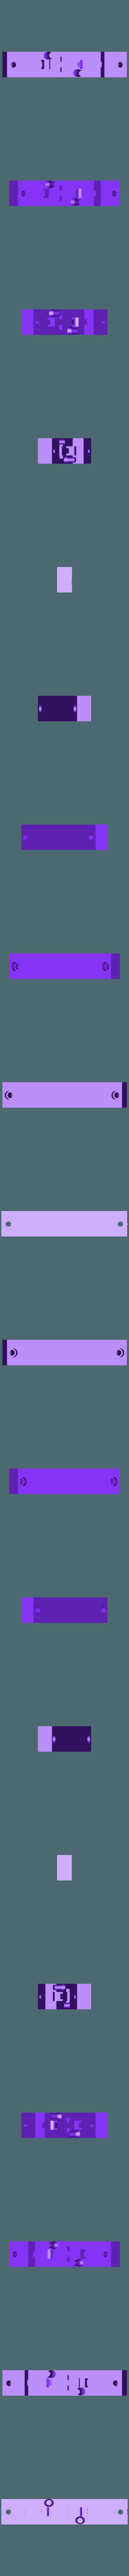 top_LED_holder_x3.stl Télécharger fichier STL gratuit Ghostbuster Ghostbuster Ghosttrap • Modèle pour impression 3D, SLIDES